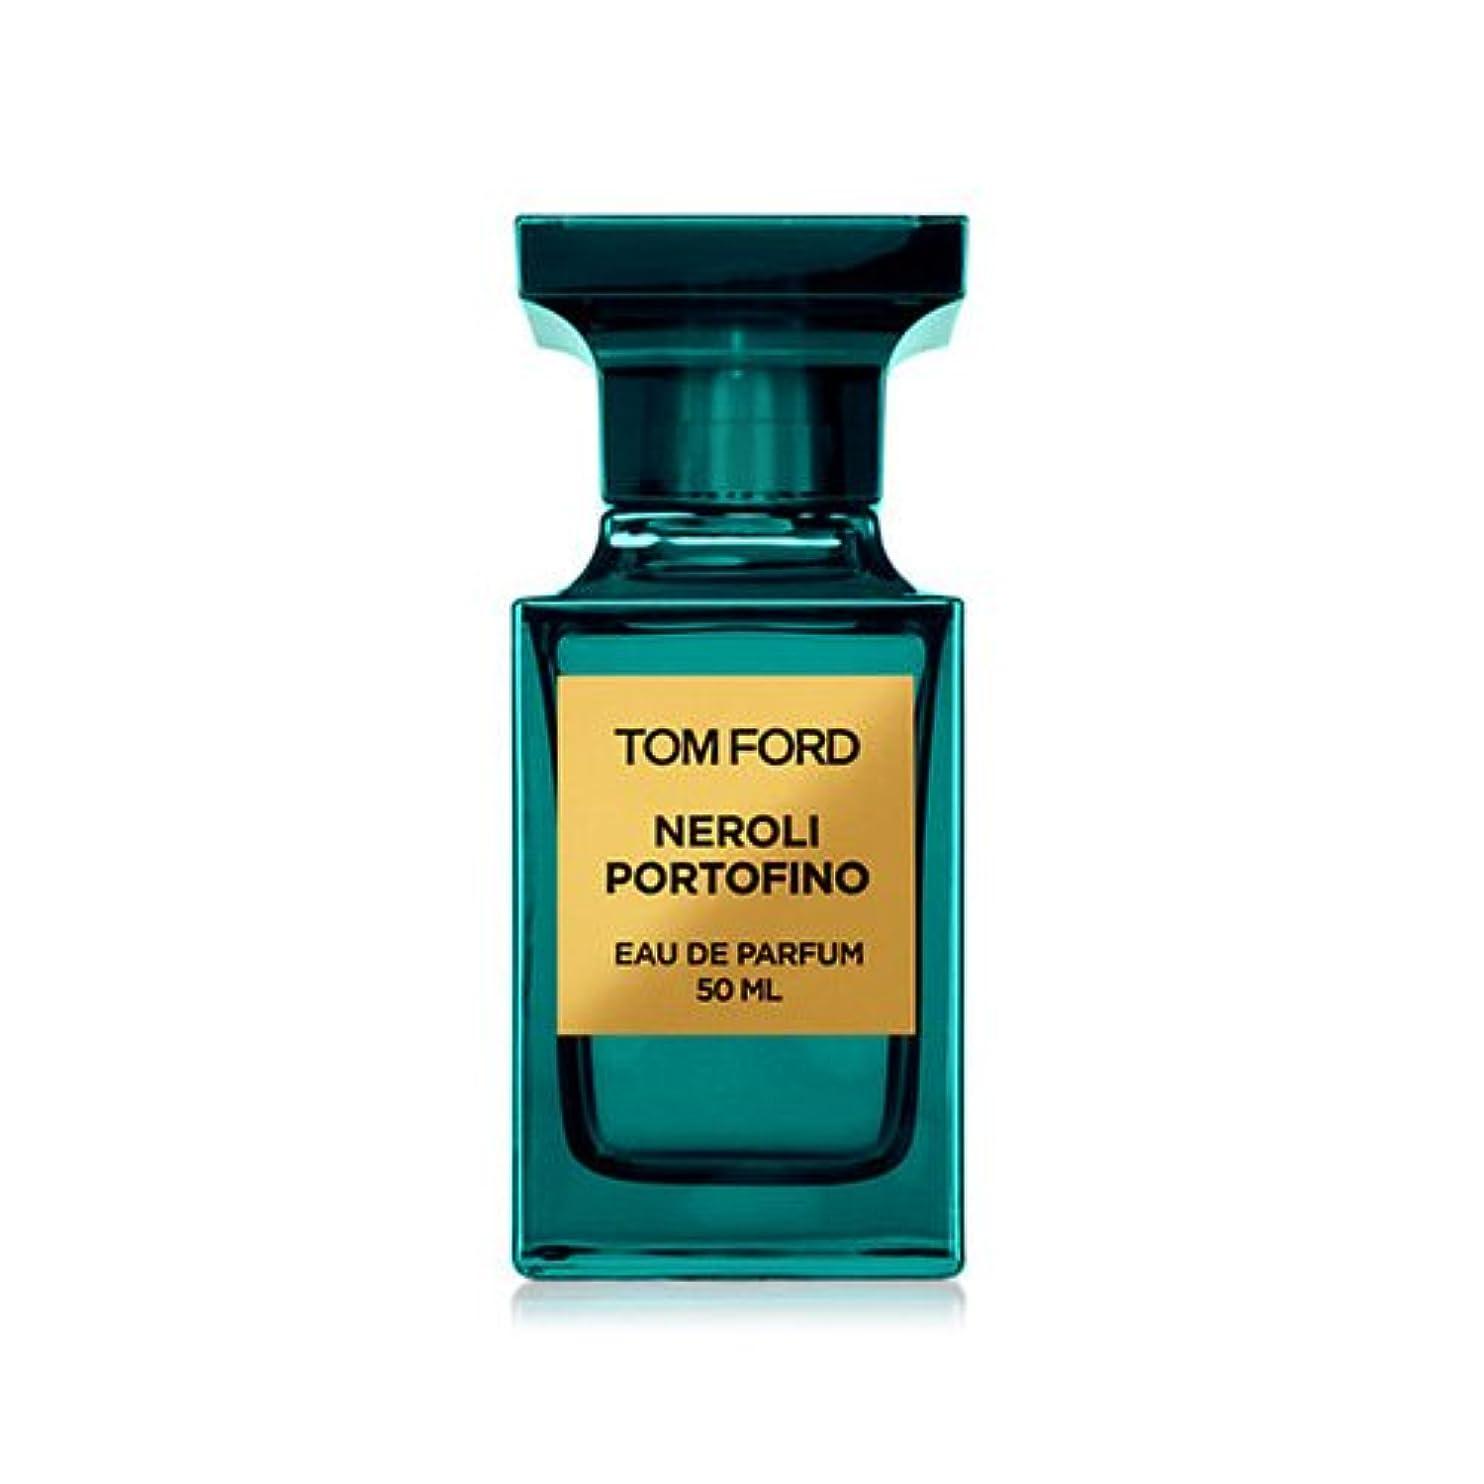 プレゼント付録基礎トム フォード TOM FORD ネロリ ポルトフィーノ オードパルファム EDP SP 50ml